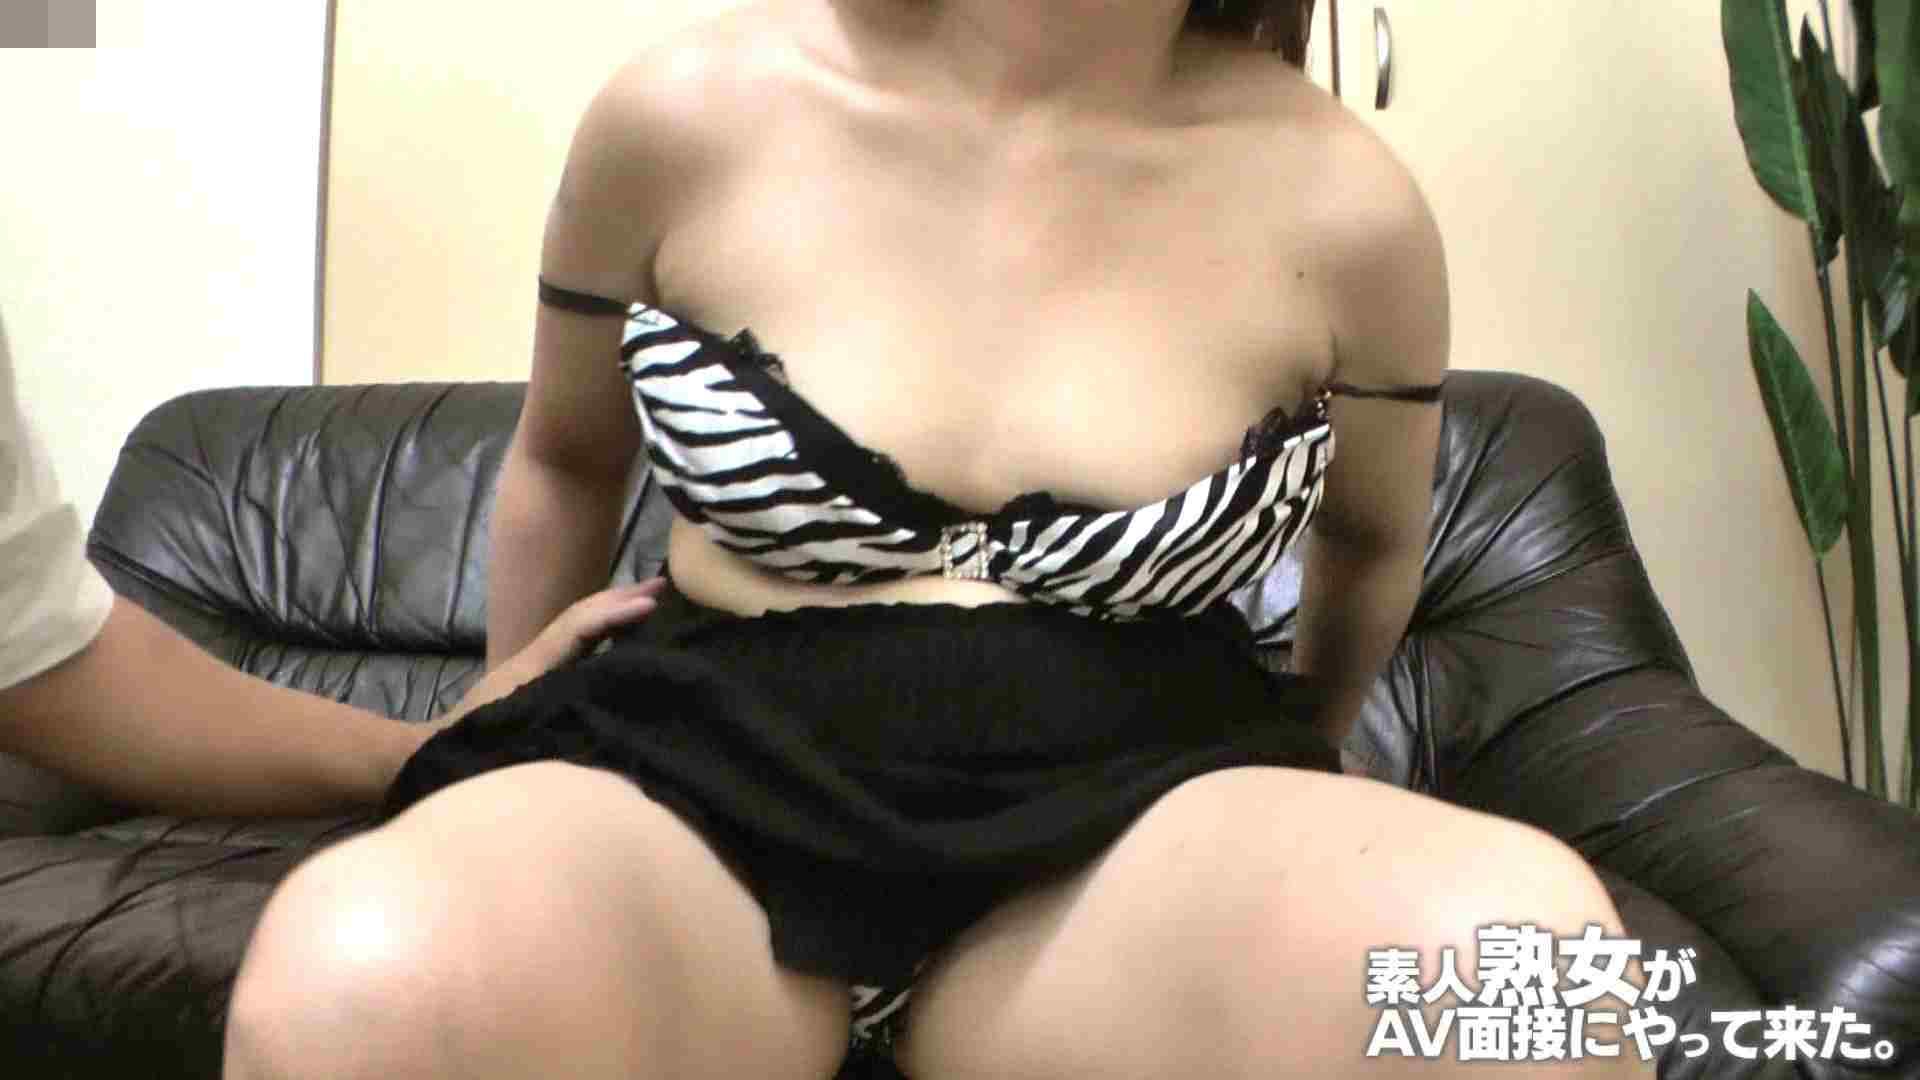 素人熟女がAV面接にやってきた (仮名)ゆかさんVOL.03 セックス映像 性交動画流出 59pic 39